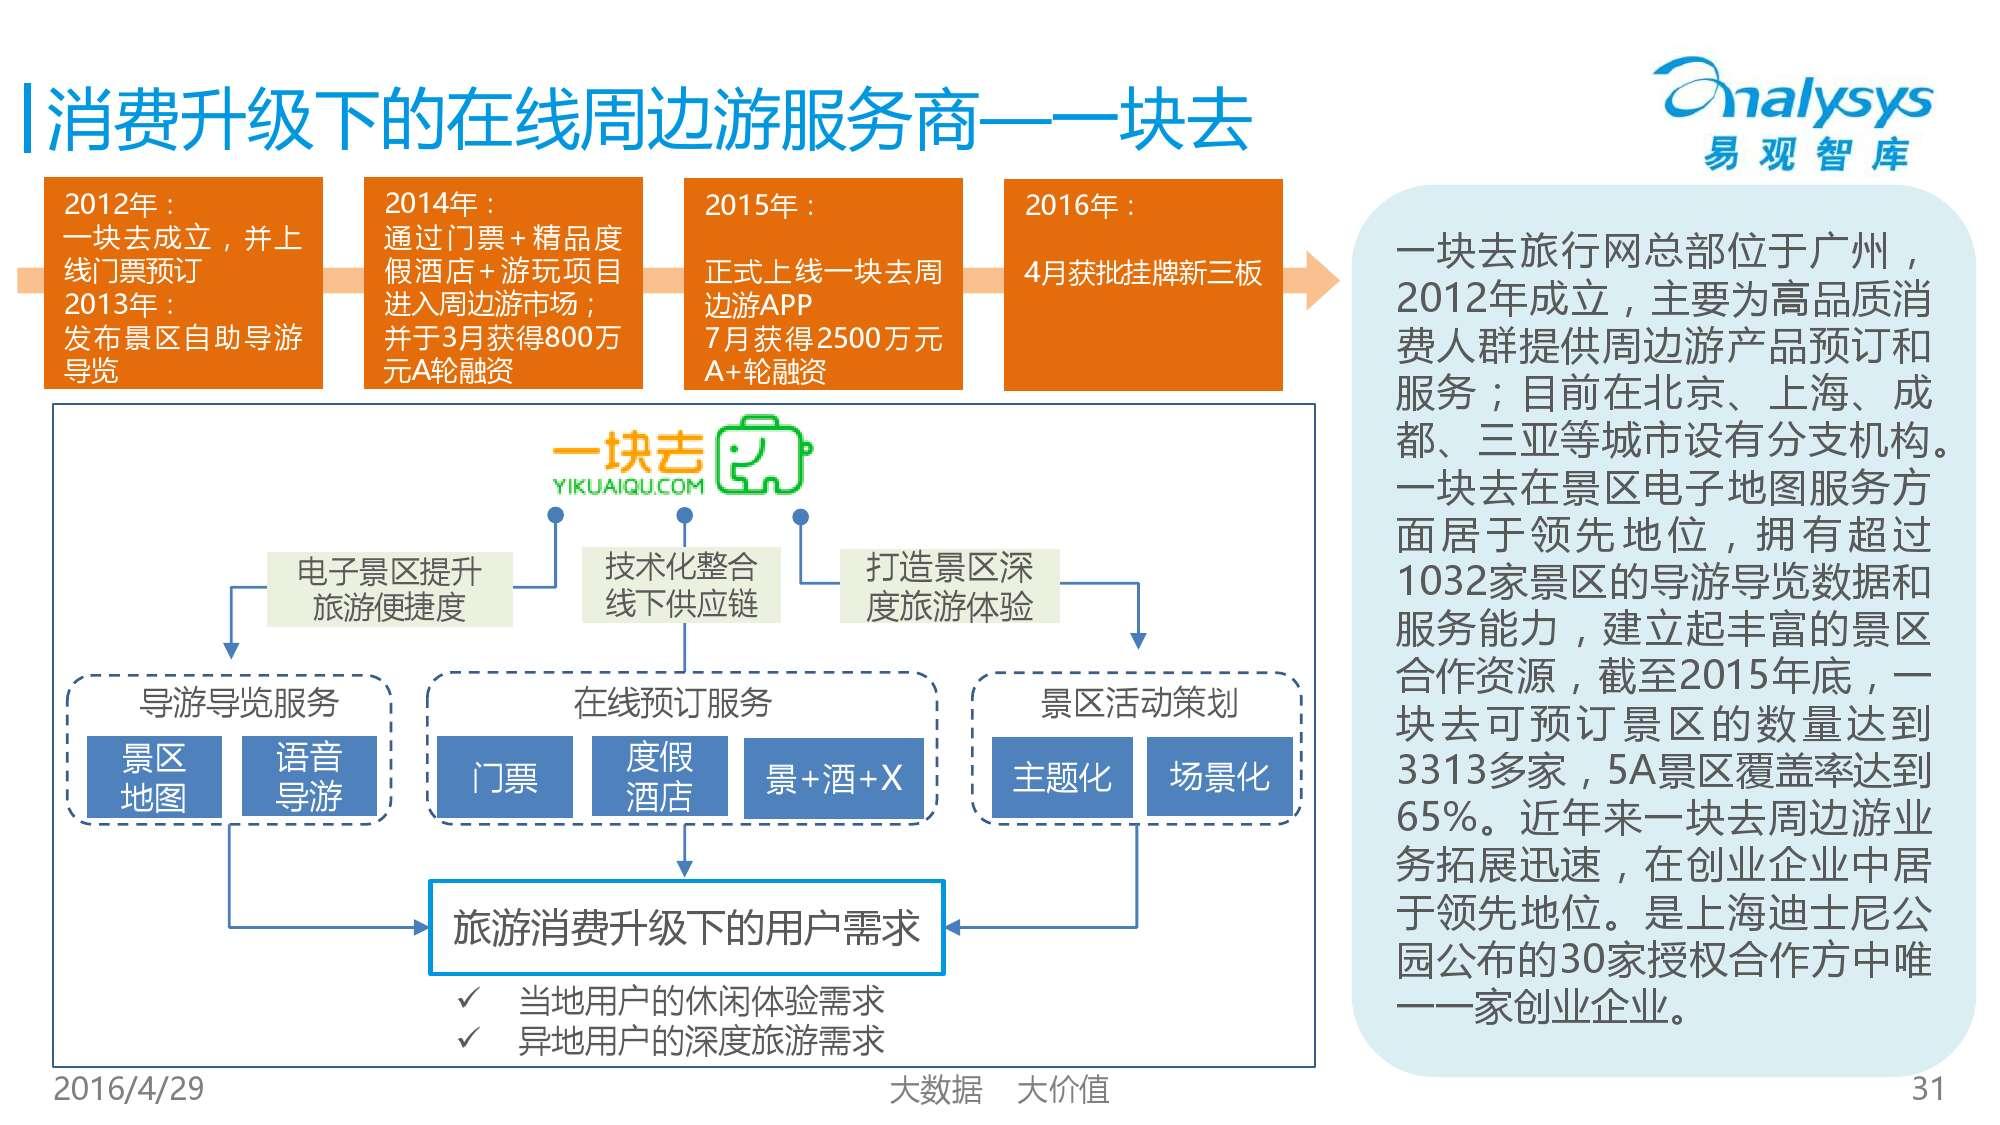 中国在线周边自助游市场专题研究报告2016_000031